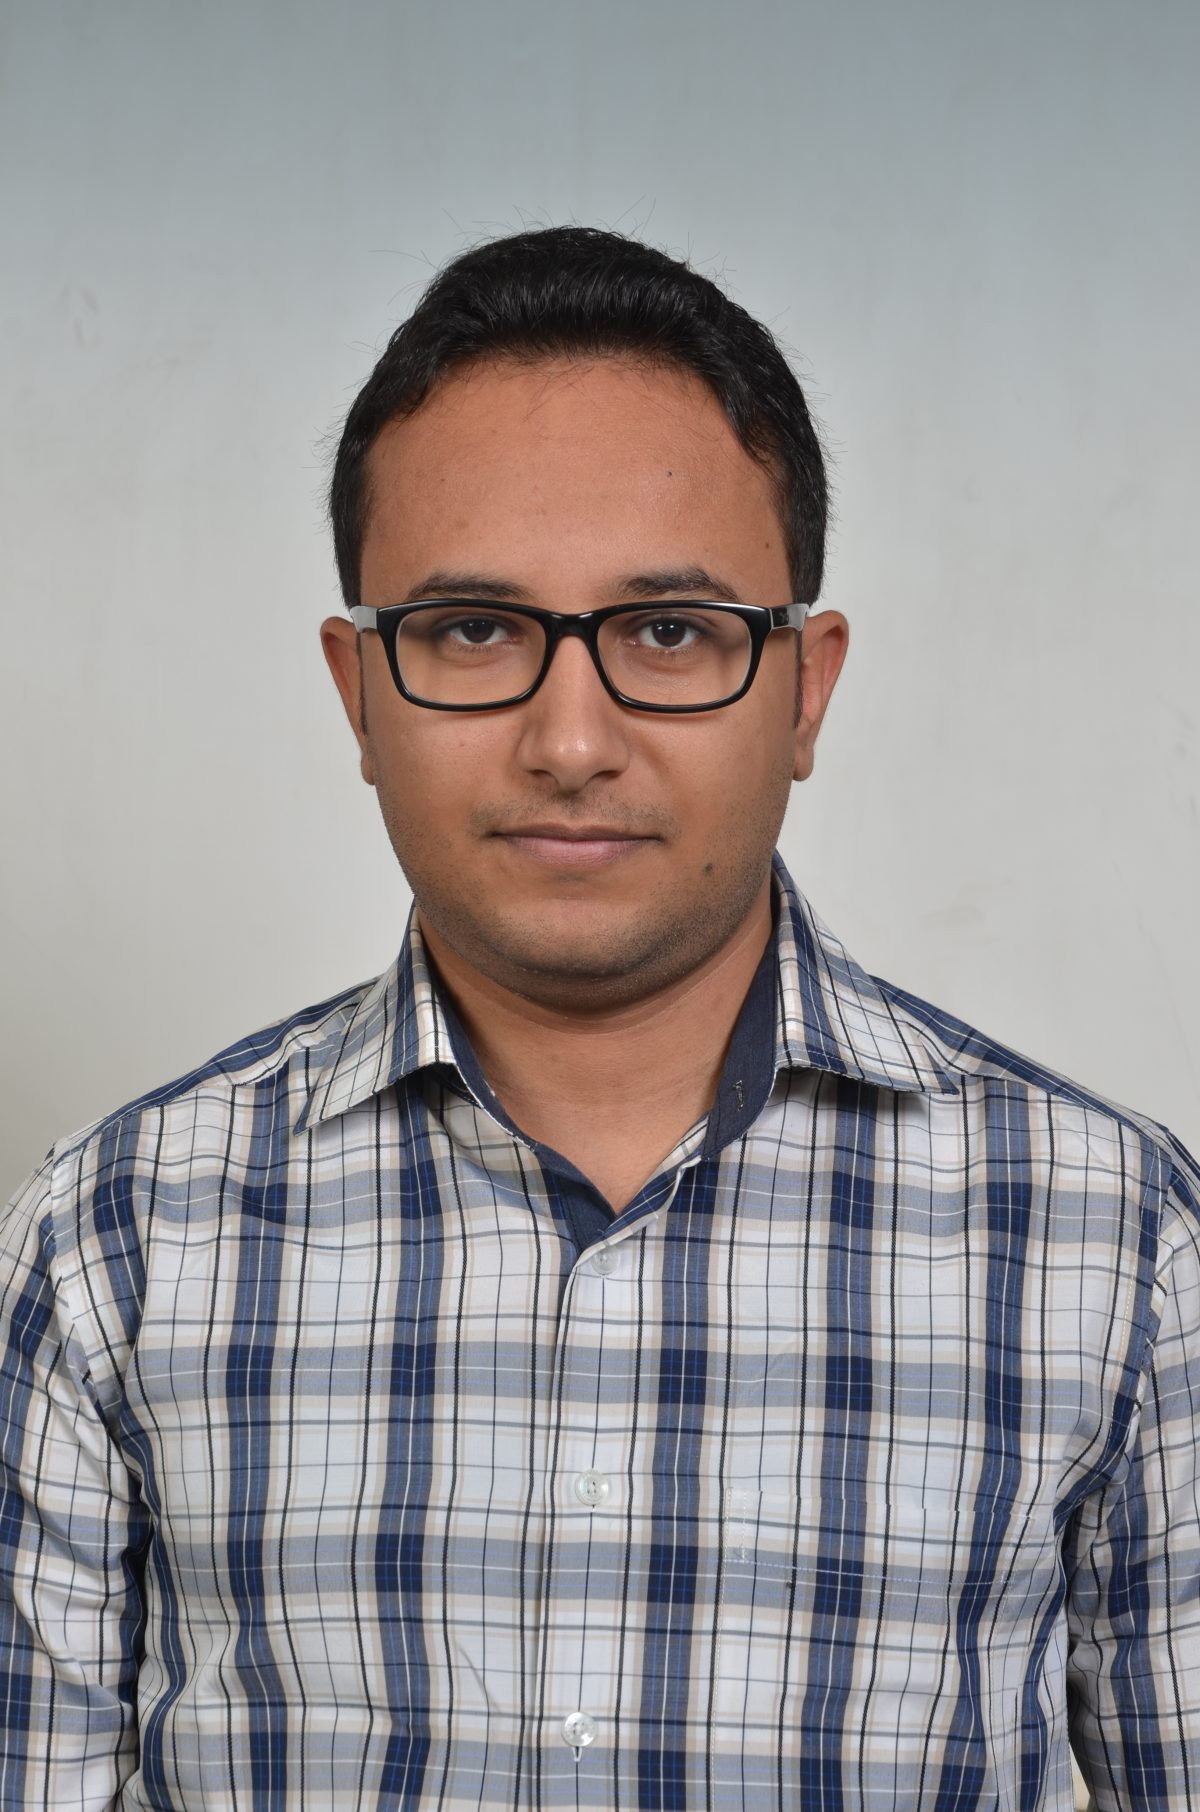 Ahmed Al-saruri